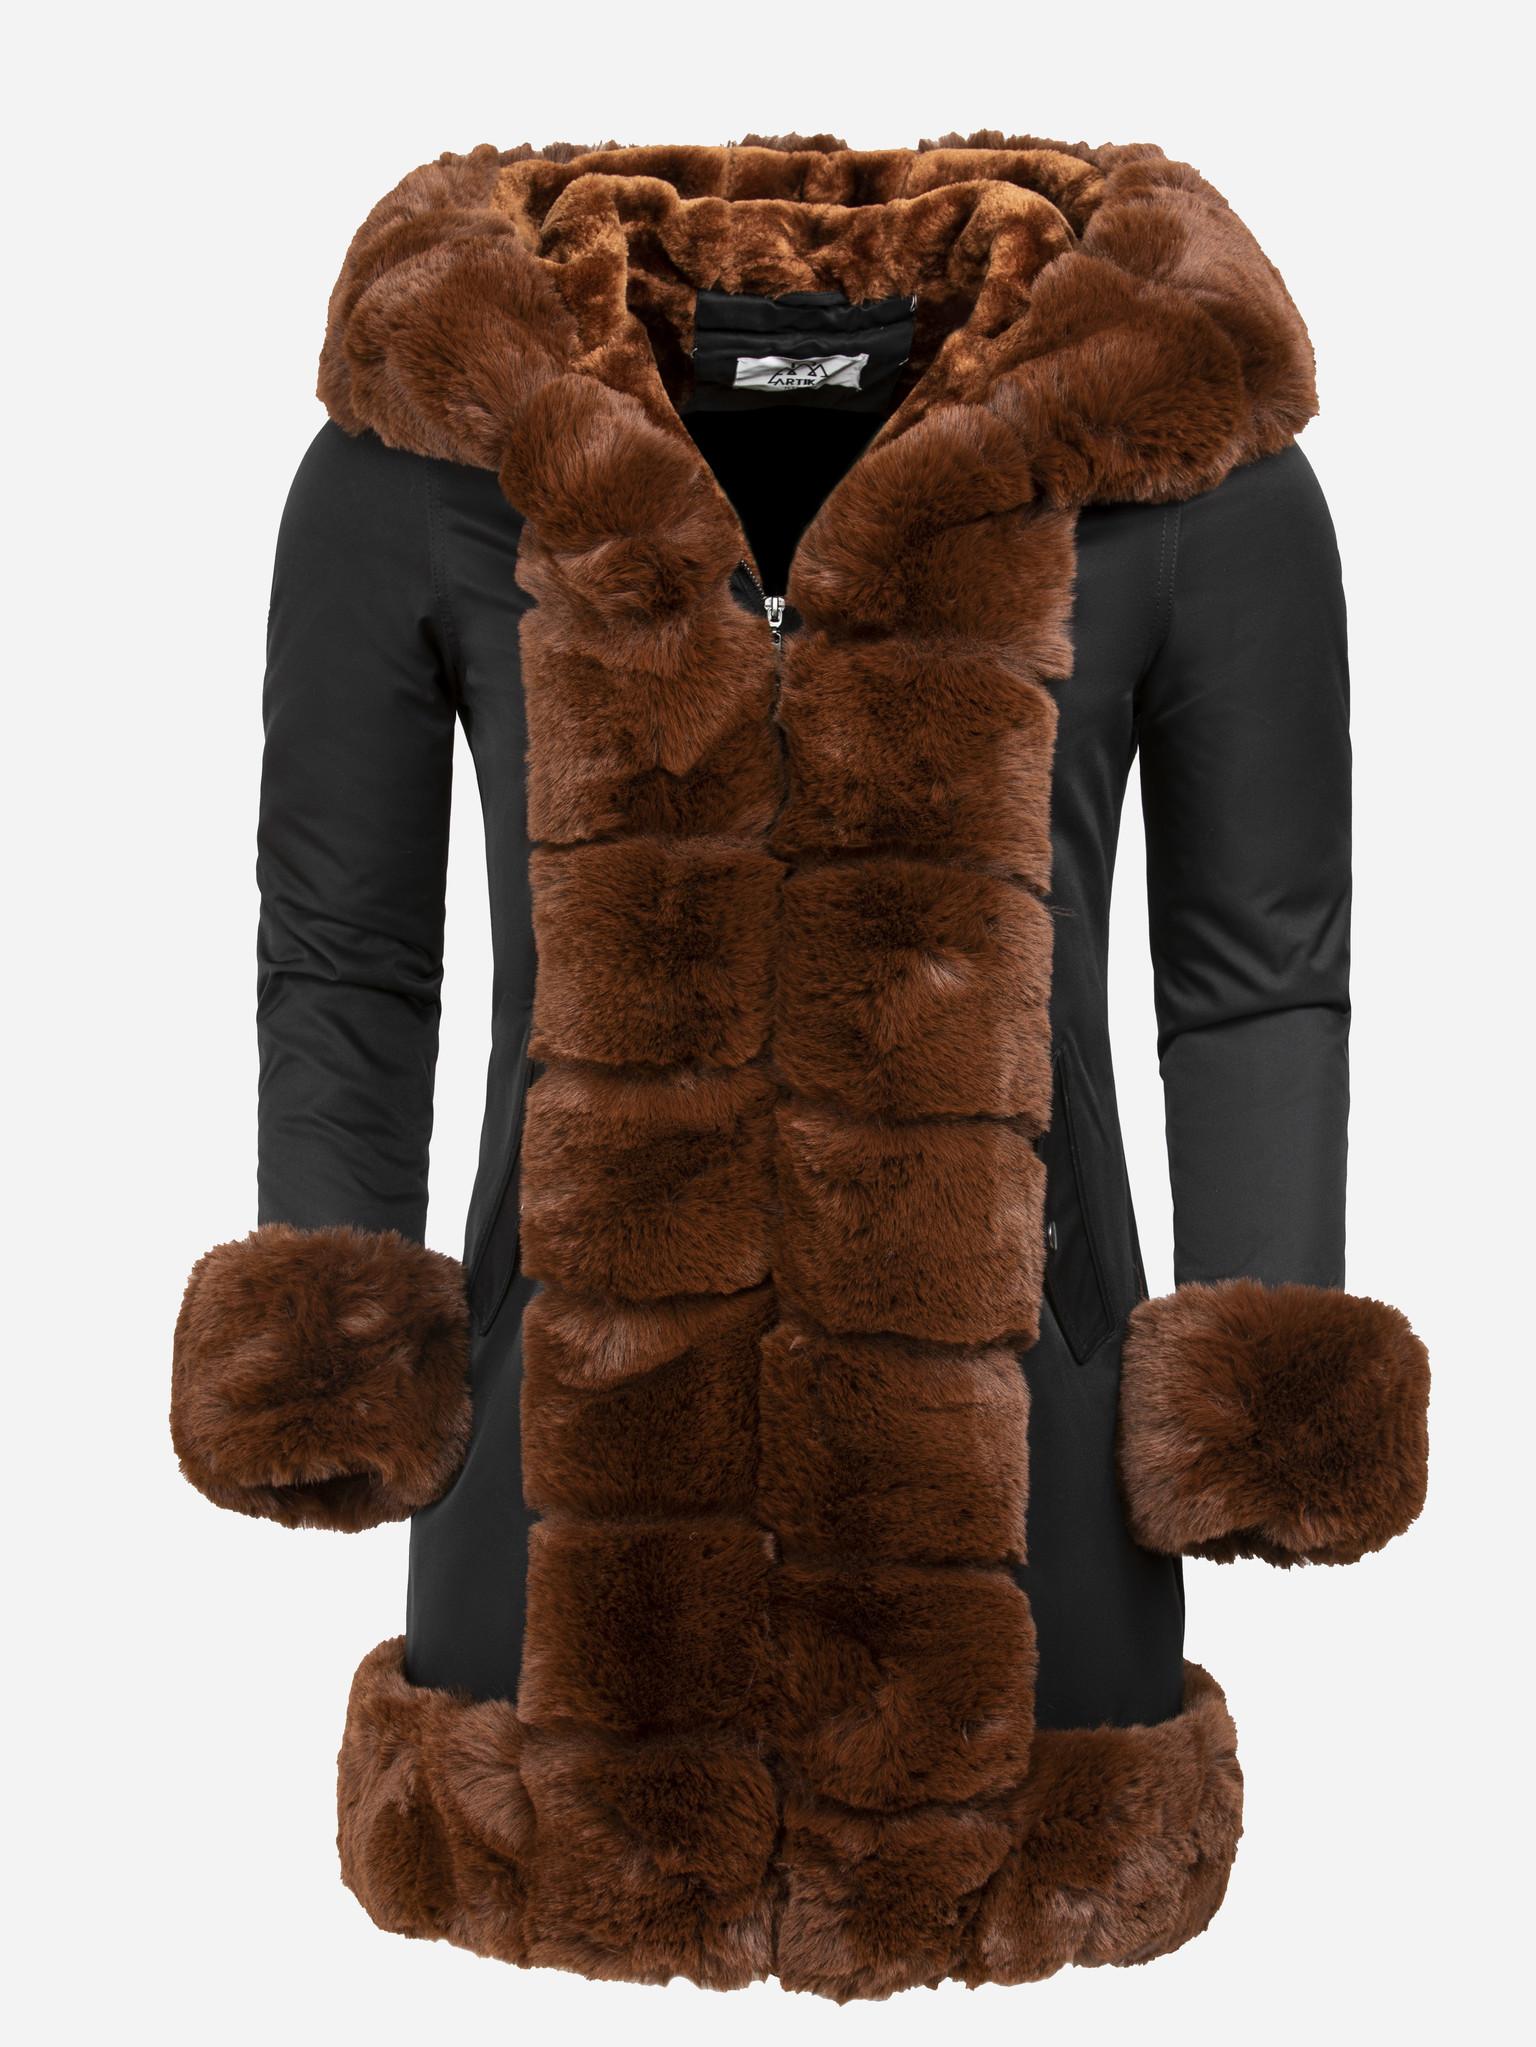 Artika Icewear Winterjas Dames L816-1030 Black Camel Maat: 2XL